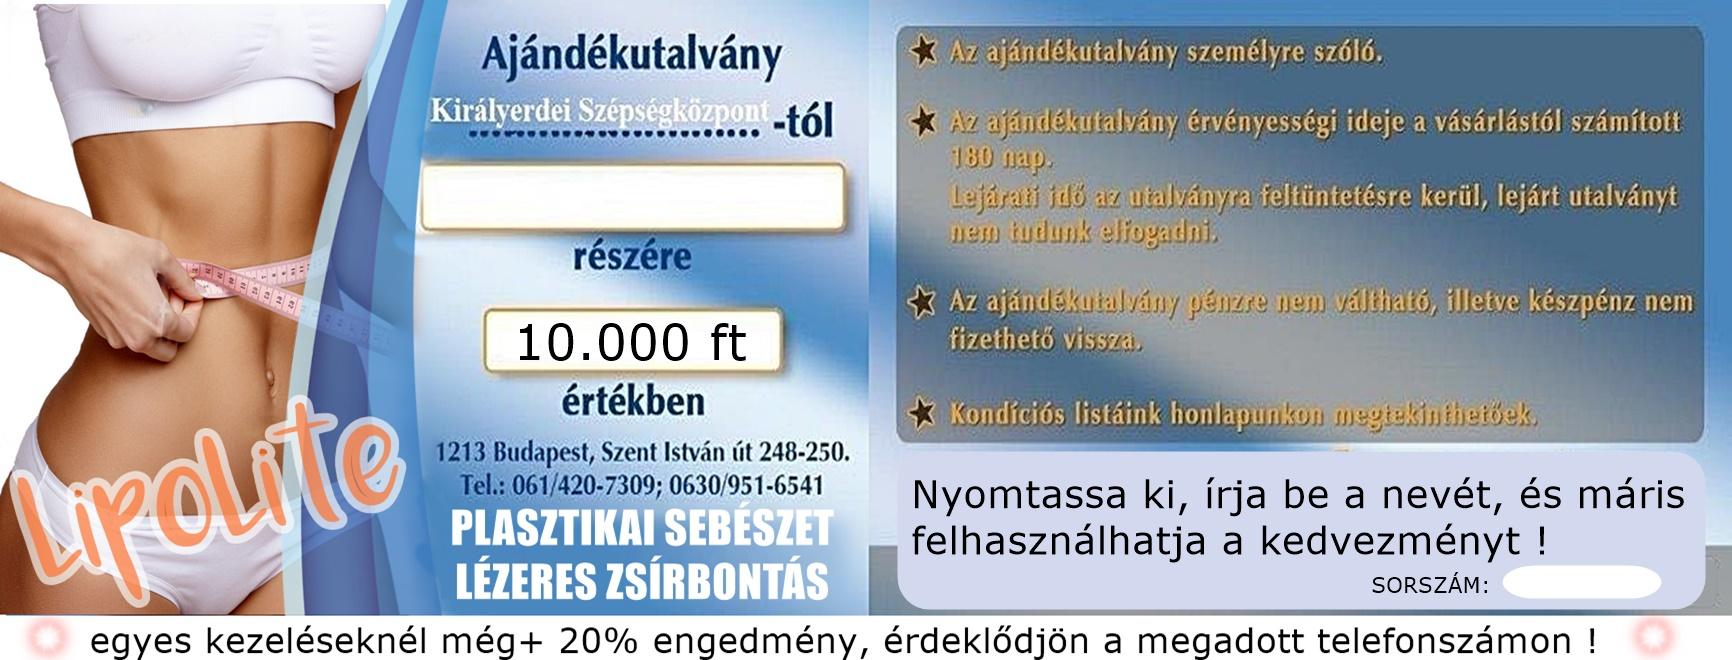 ÚJDONSÁG - LAKÁSKASSZA !